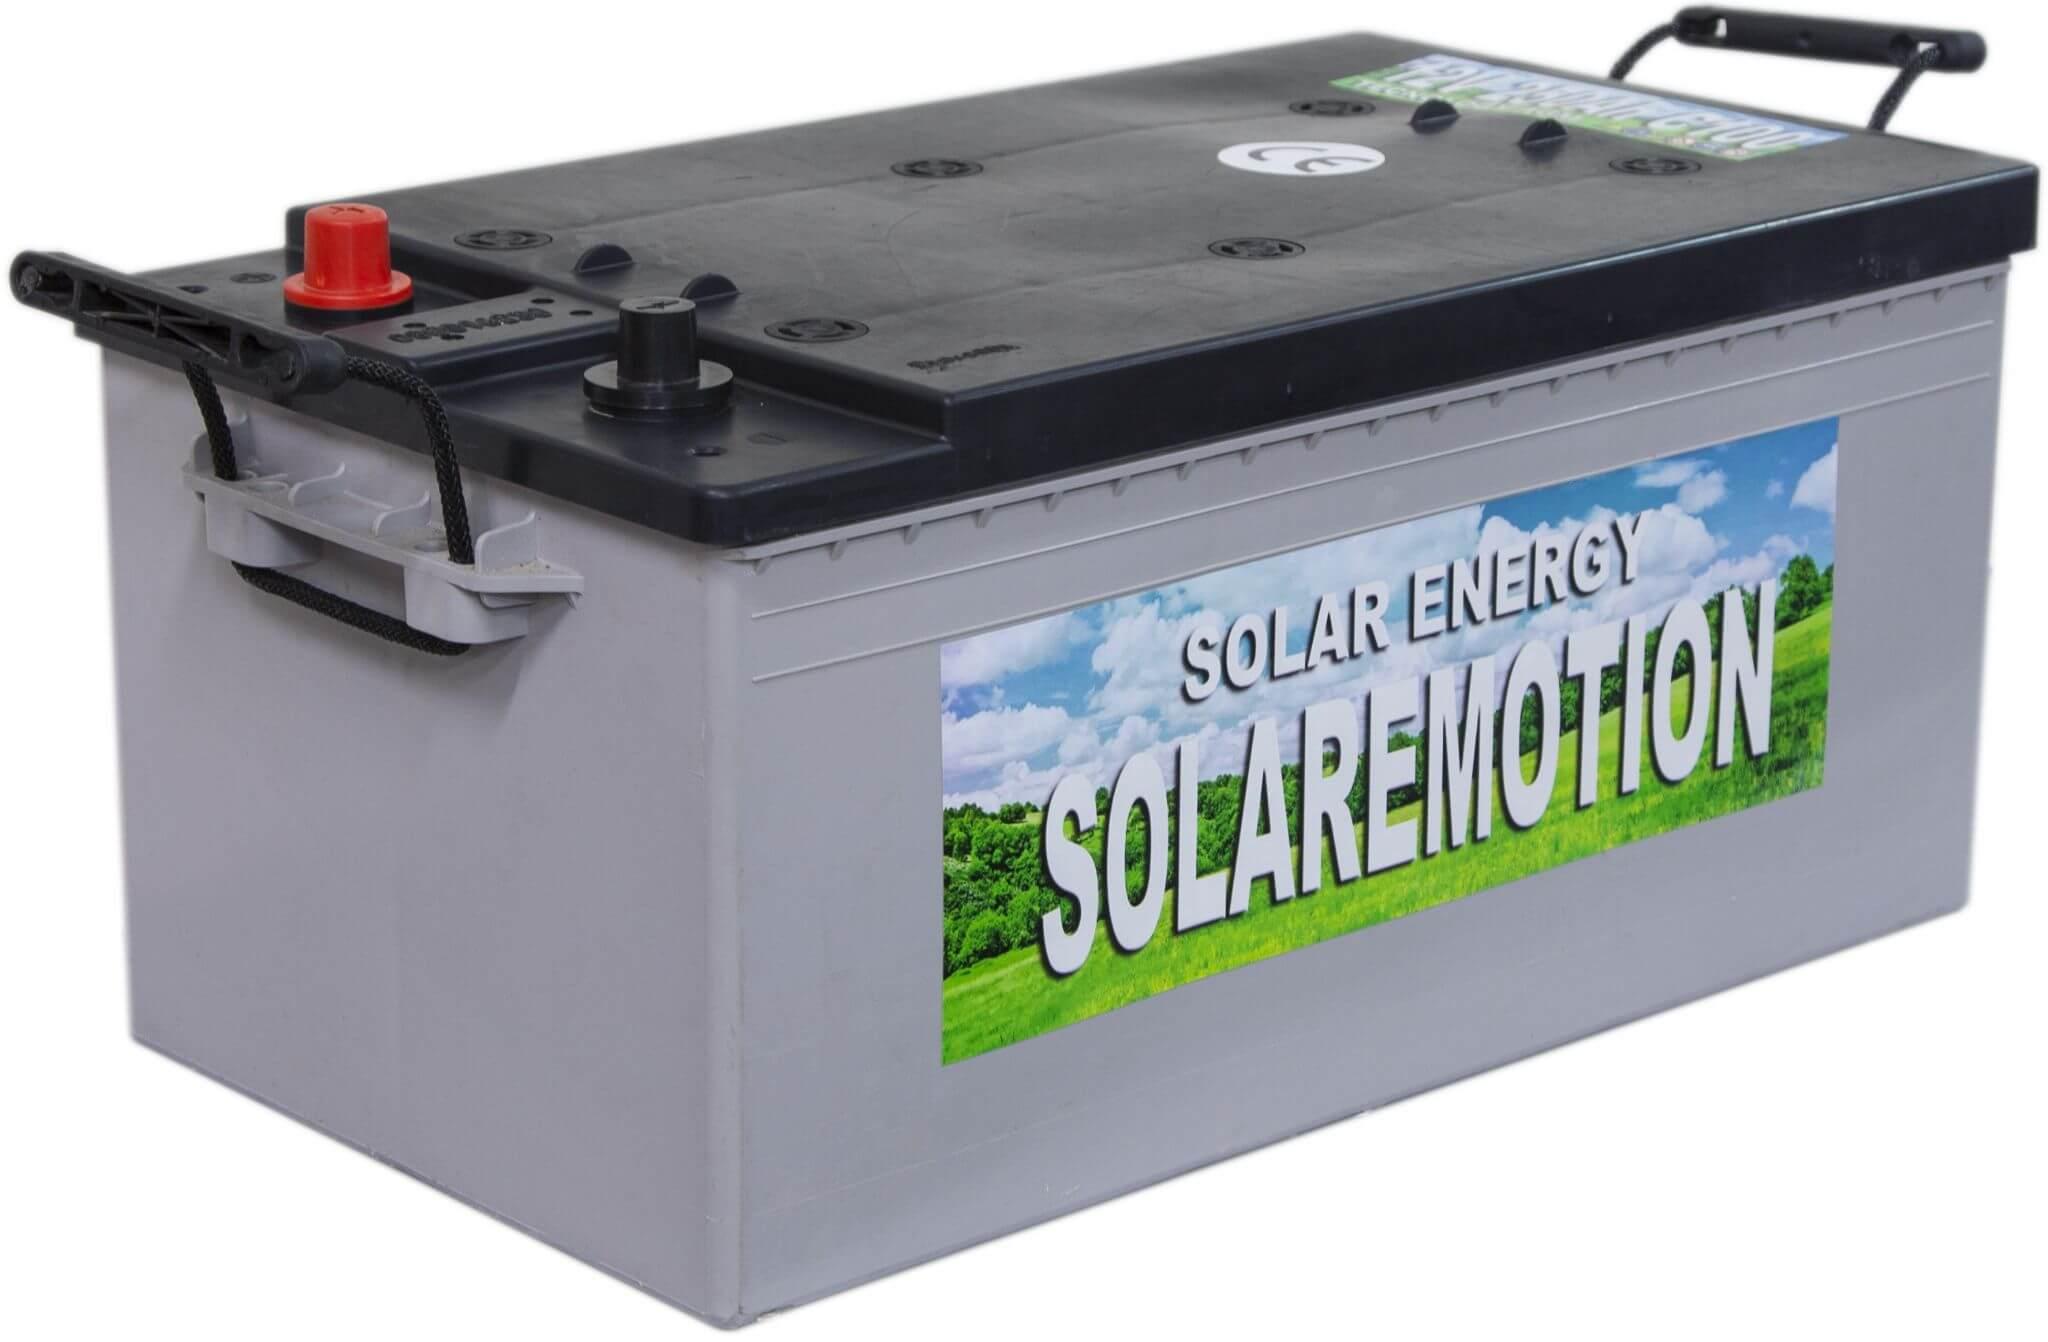 Baterías solares: Aplicación en sistemas aislados fotovoltaicos 3